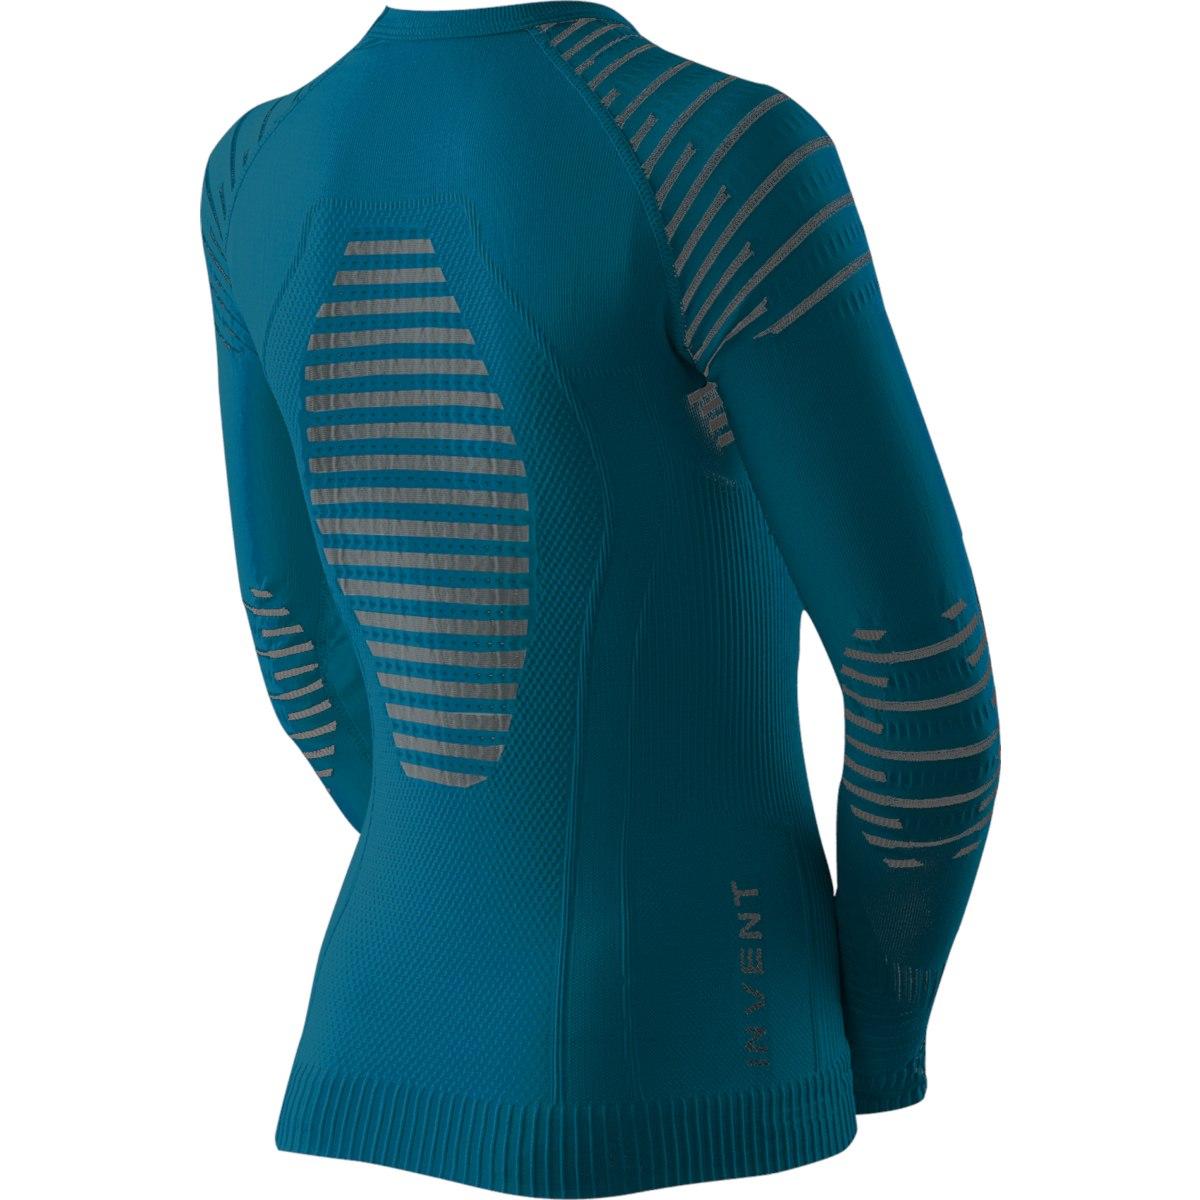 Bild von X-Bionic Invent 4.0 Shirt Round Neck Langarm-Unterhemd für Kinder - teal blue/anthracite